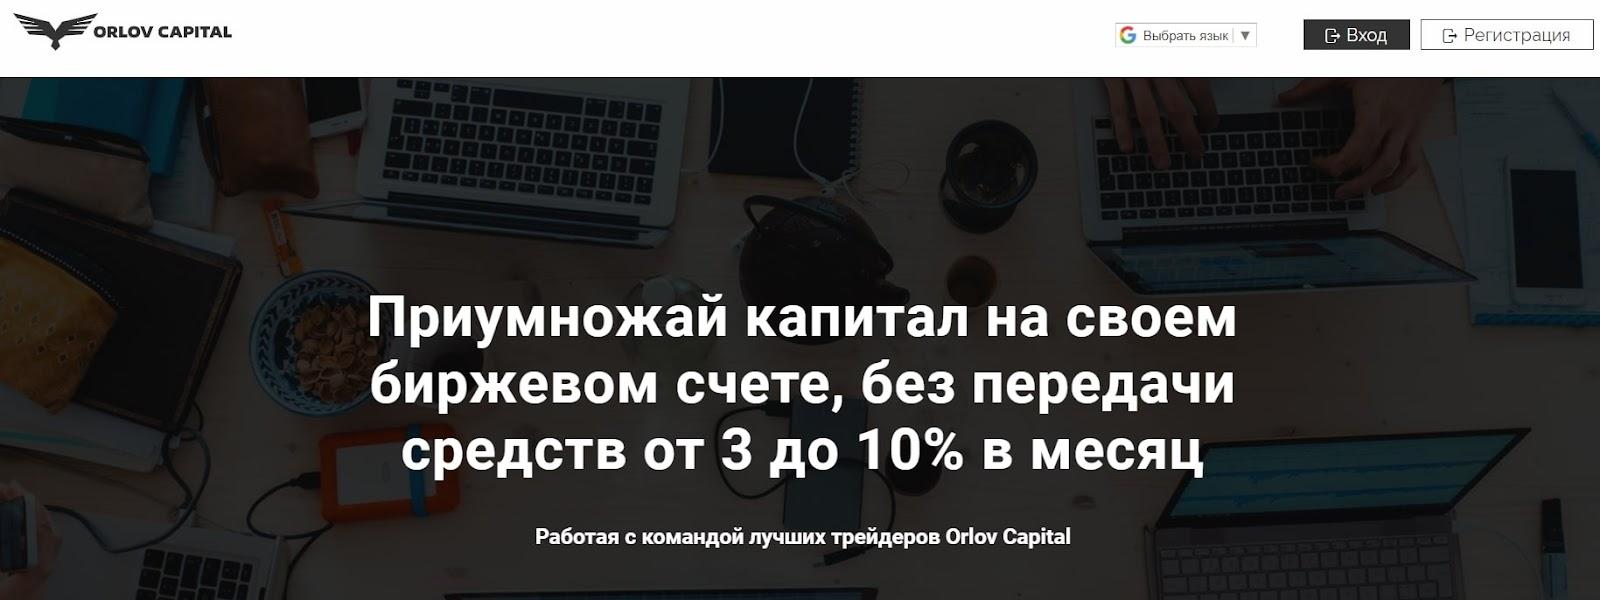 Orlov Capital: отзывы и анализ инвестиционных предложений реальные отзывы